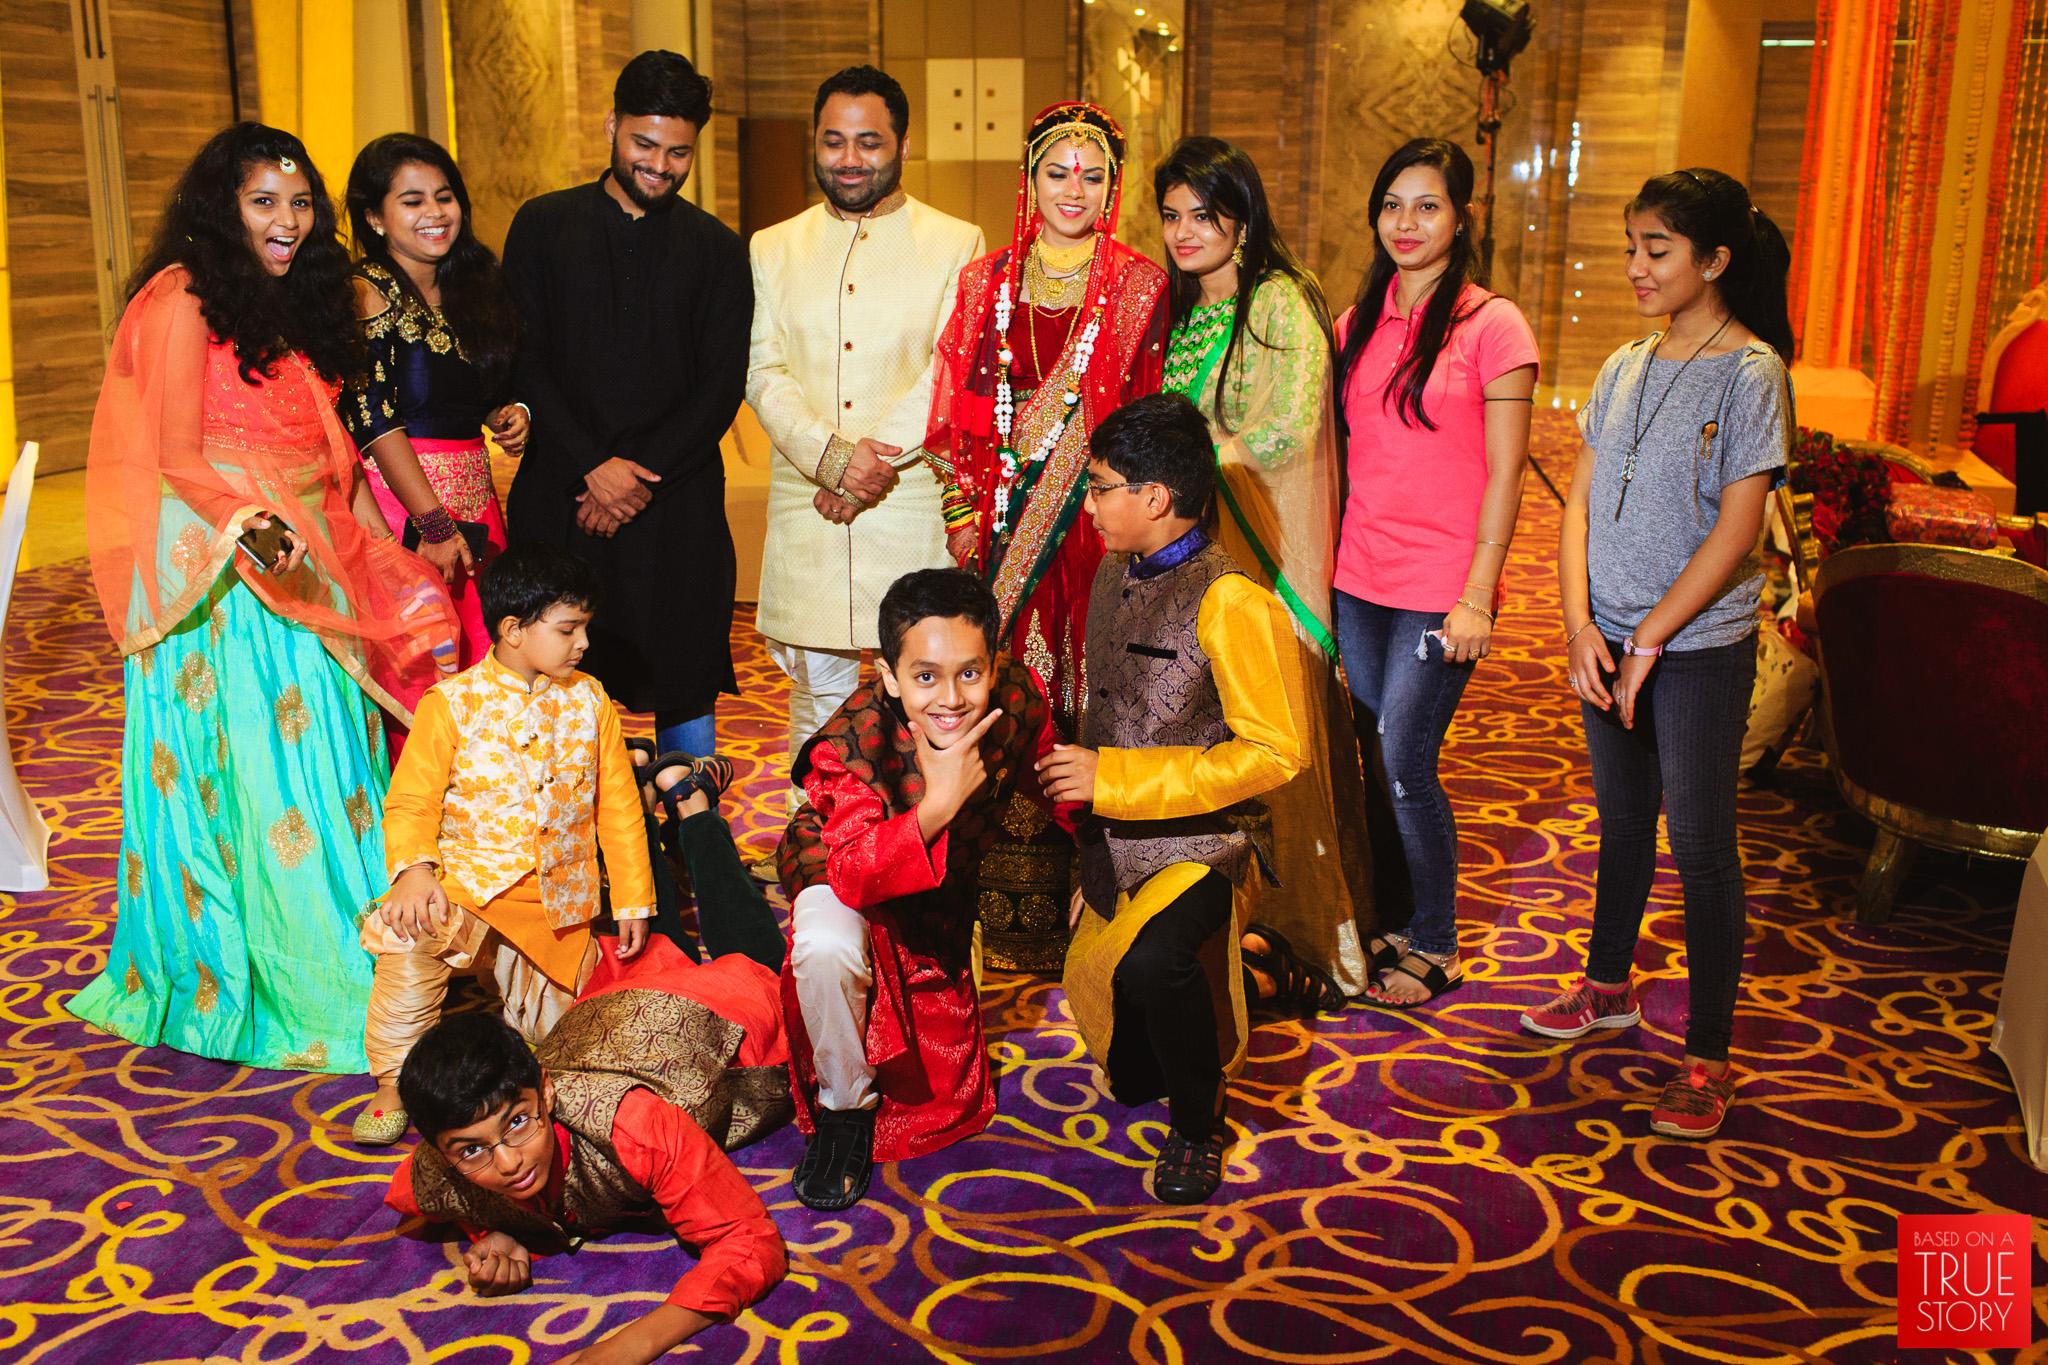 candid-wedding-photography-bhubaneswar-0116.jpg